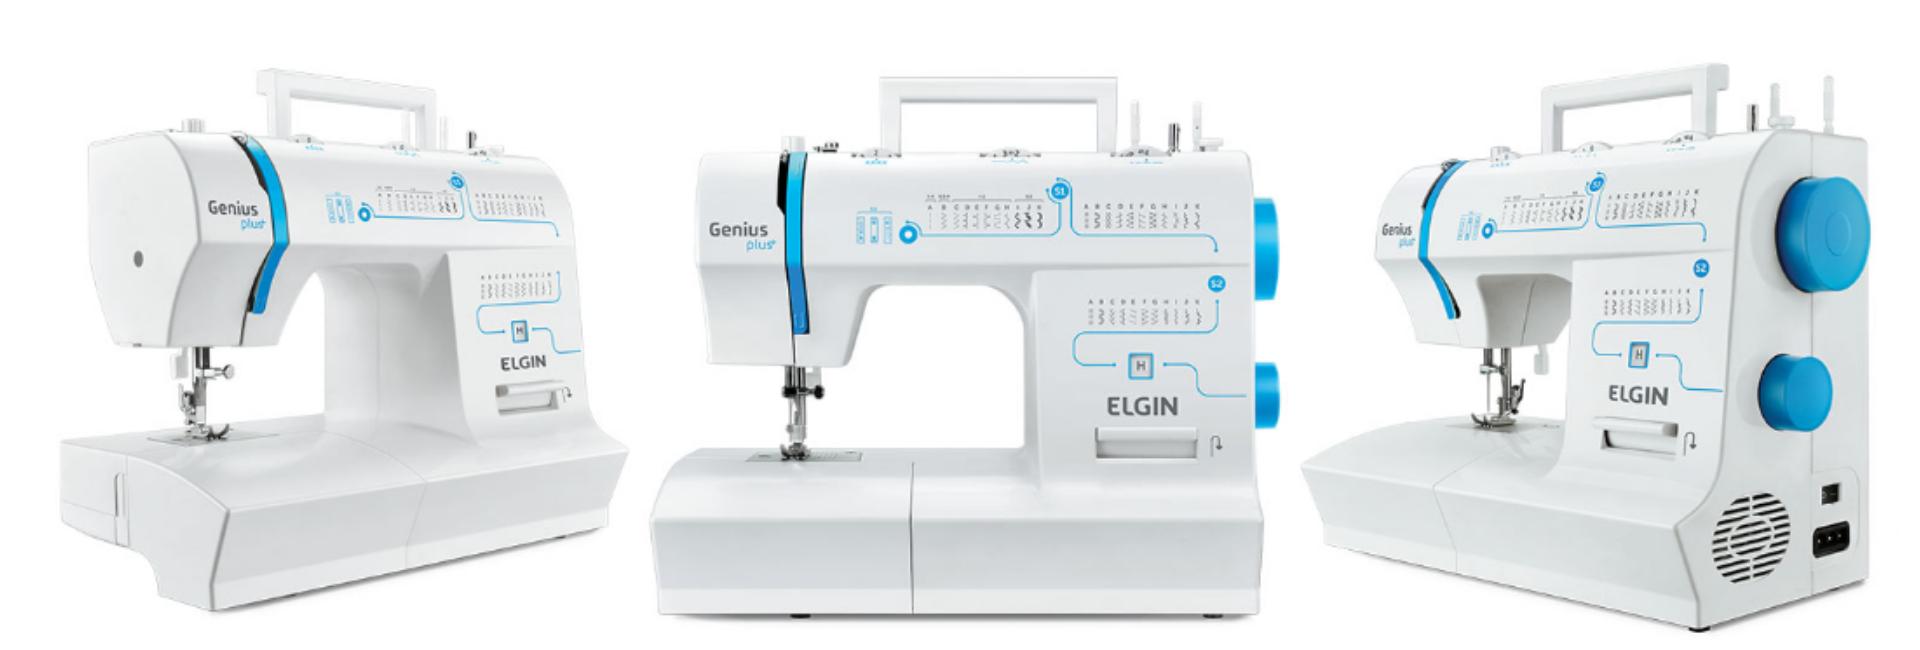 Máquina de Costura Elgin Genius Plus é boa? Veja preço e análise da ficha técnica